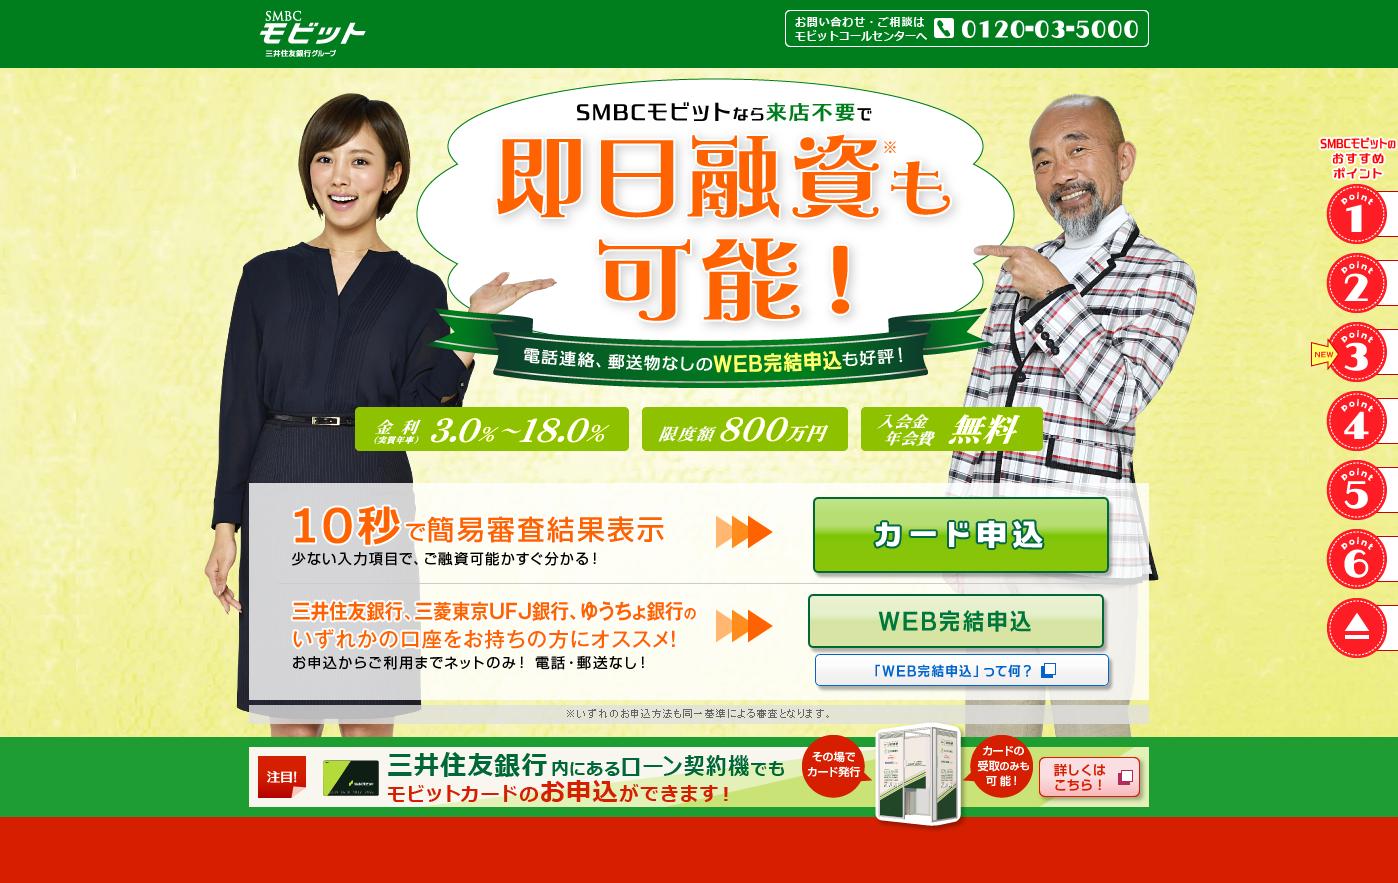 カード申込:カードローン、キャッシング、ローンは三井住友銀行